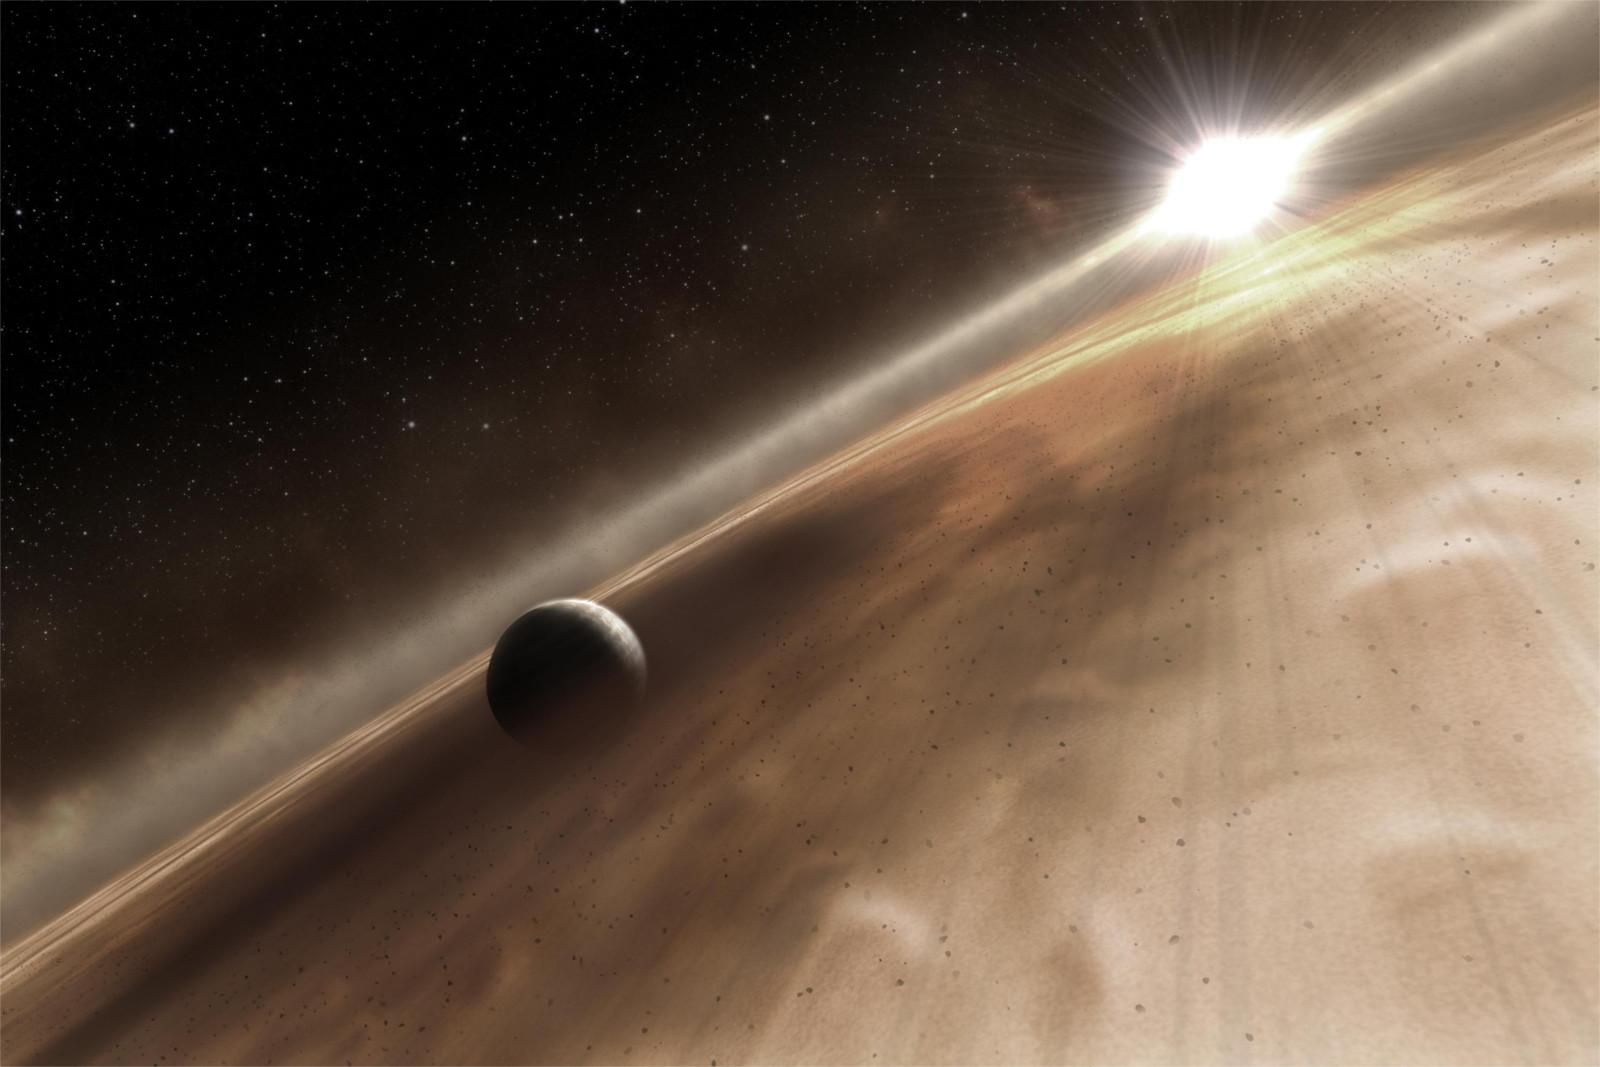 Spin-Orbit Misalignment of Extrasolar Planets